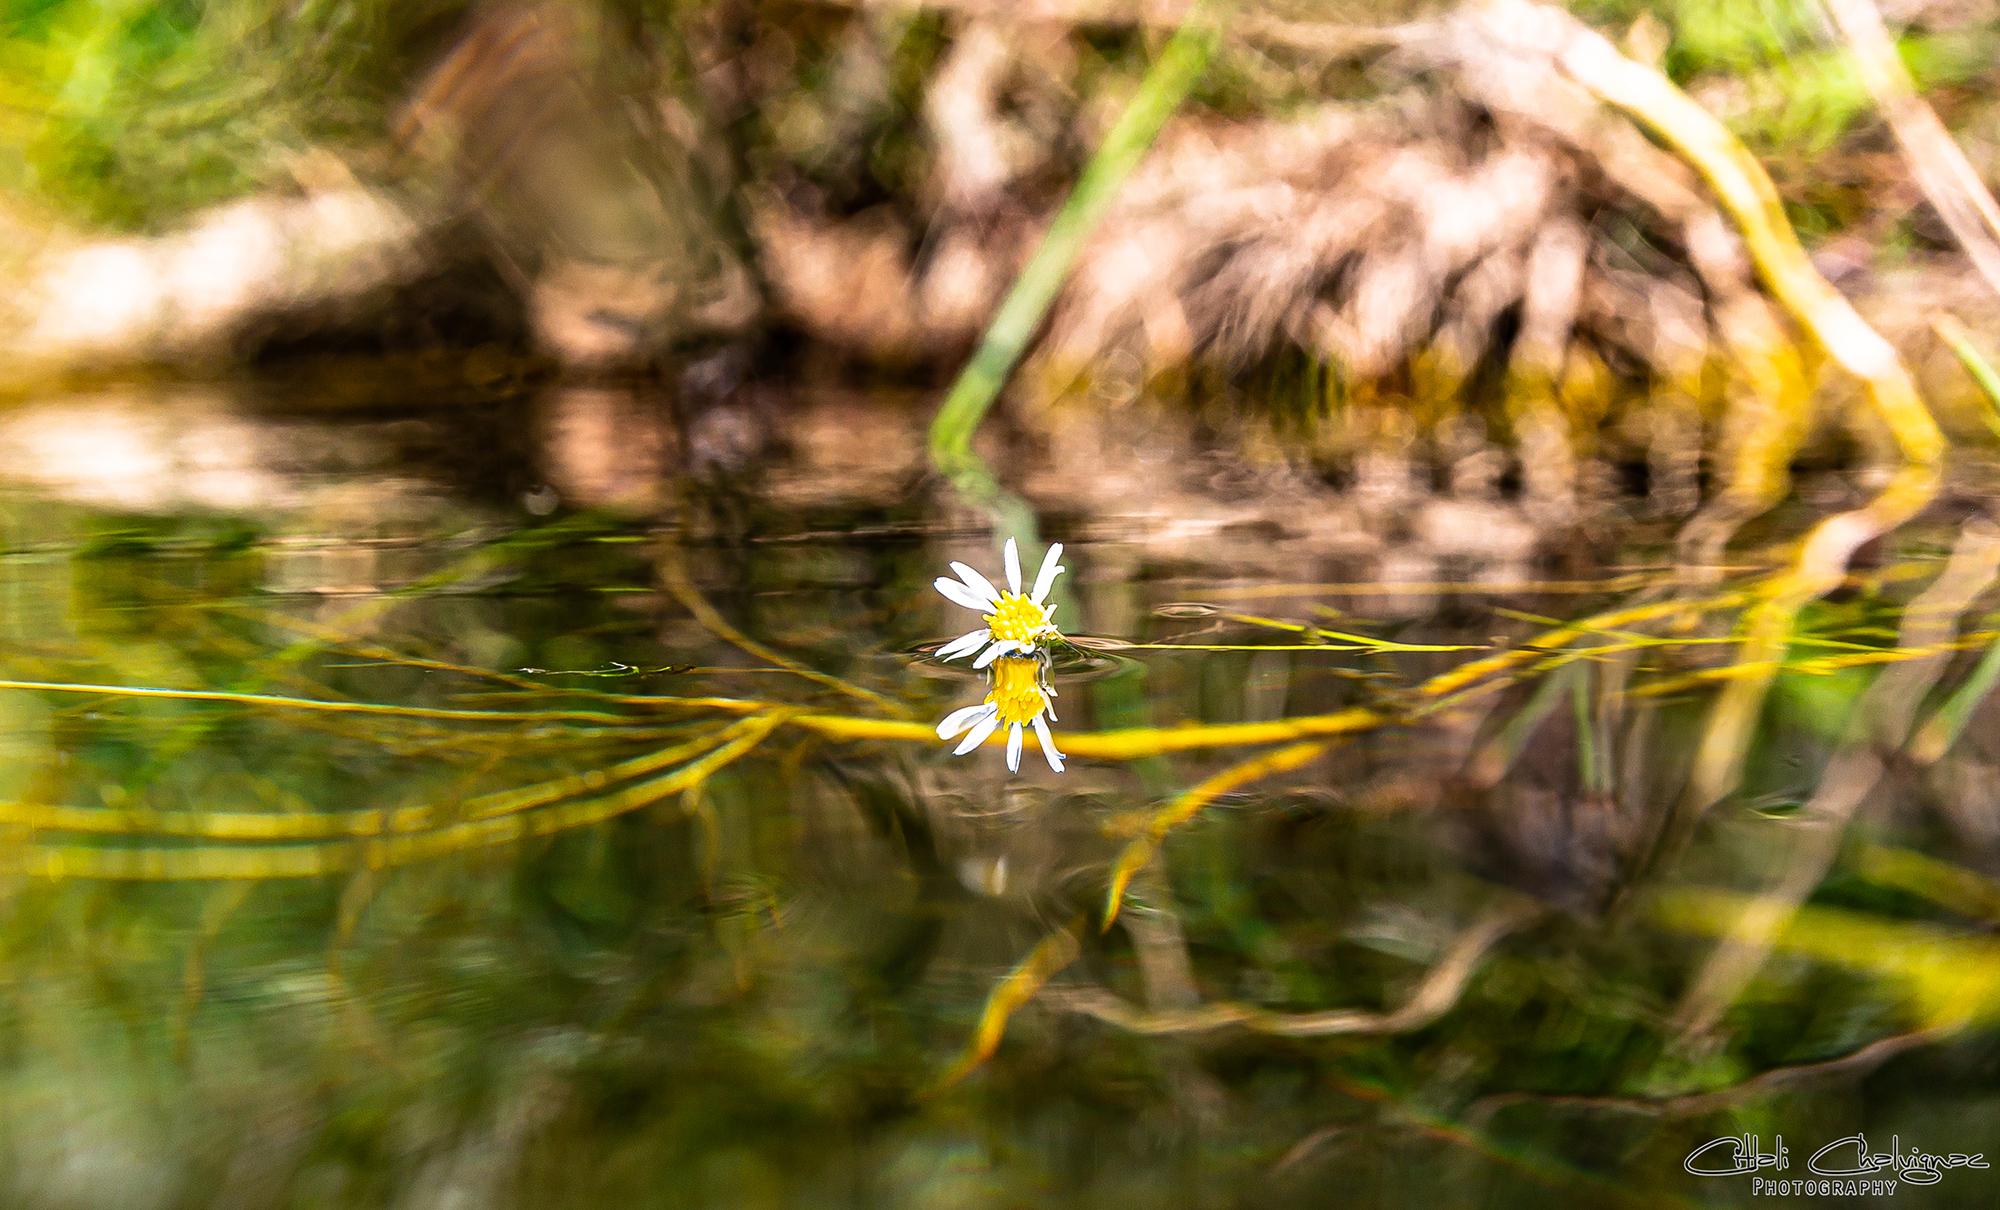 Galeria Nature imagen 9 Citlali Chalvignac